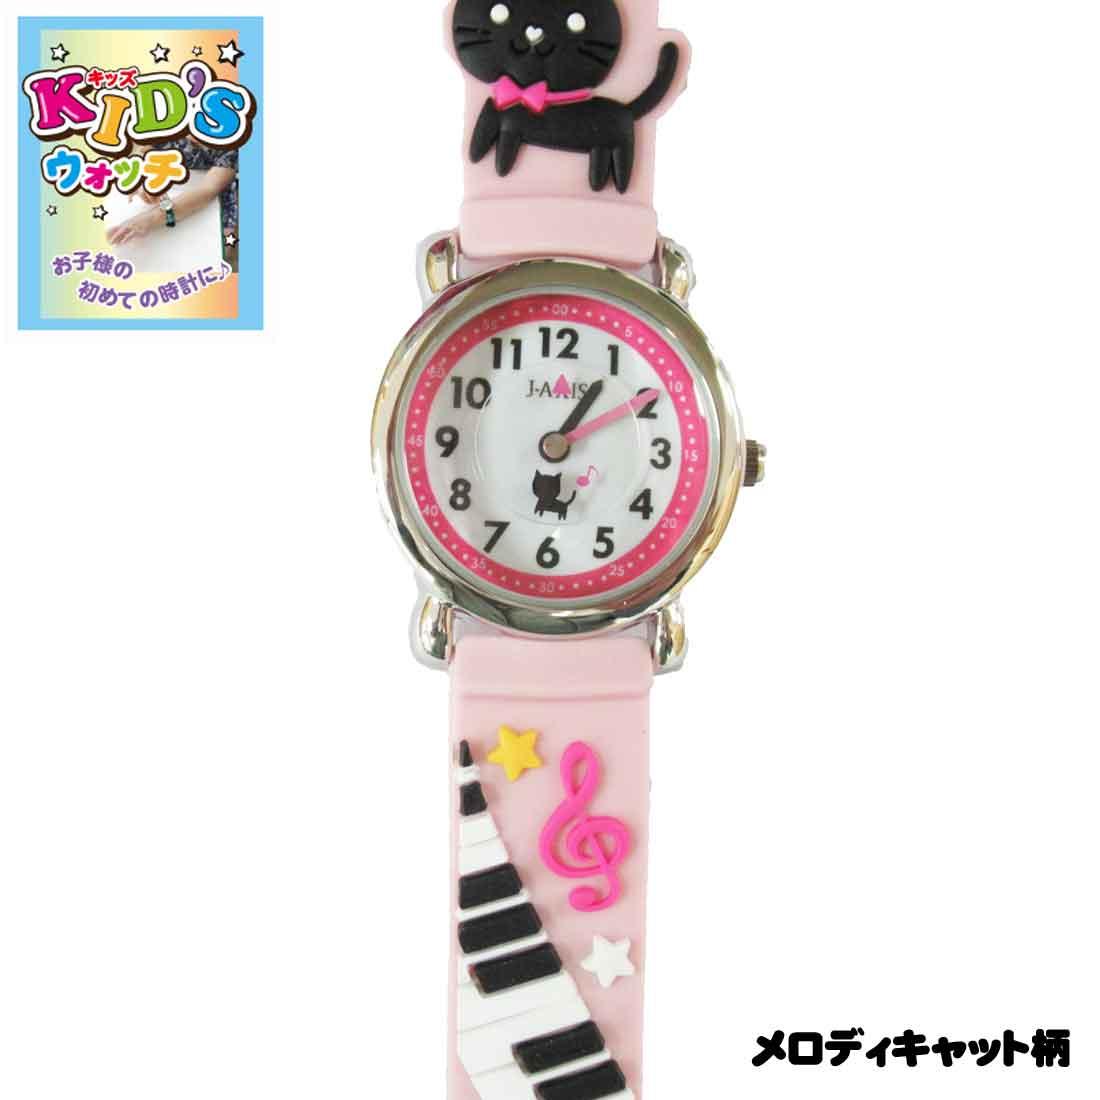 あす楽対応 バンドにキュートなデザイン柄時と分がわかる学習時計メーカー保証1年間プレゼントに最適卒園記念など大量受注実績あり こどもウォッチ メロディキャット柄 キッズ腕時計 子供用腕時計 キッズ時計 キッズウォッチ 子供用時計 入園 入学 プレゼント